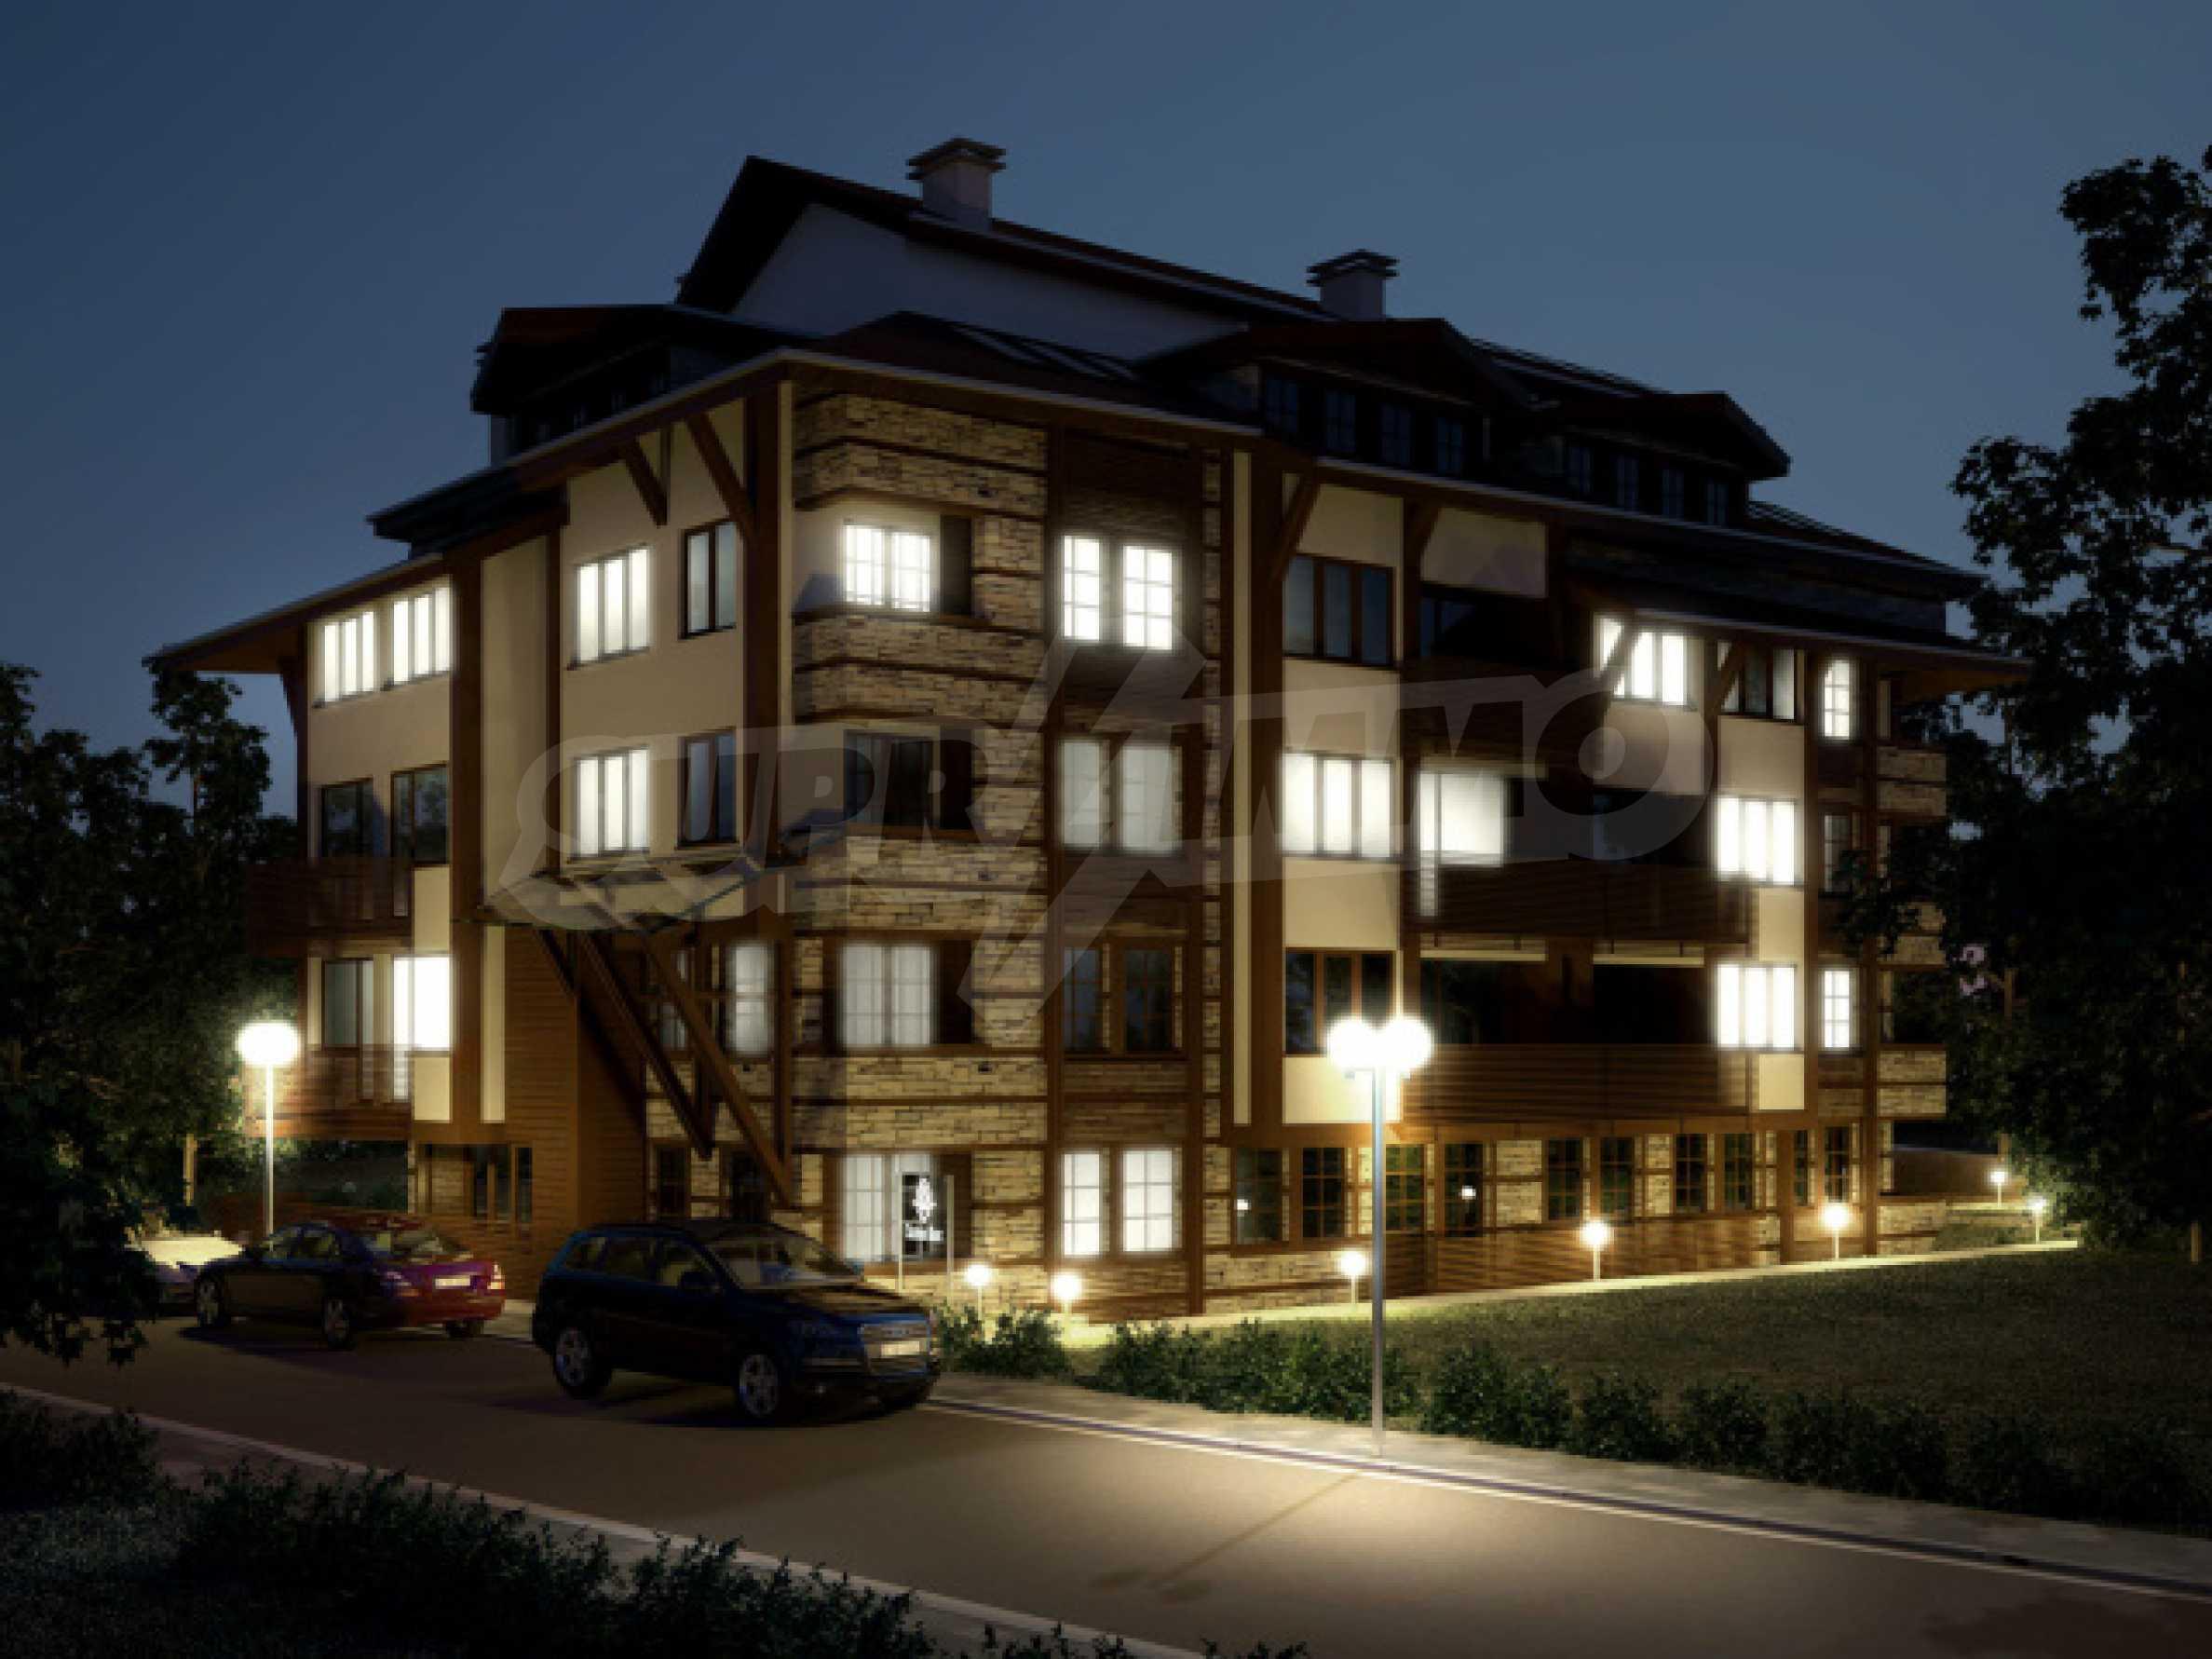 Chateau Blanc (Шато Блан): Возможно лучшая возможность для инвестиции в Банско 4